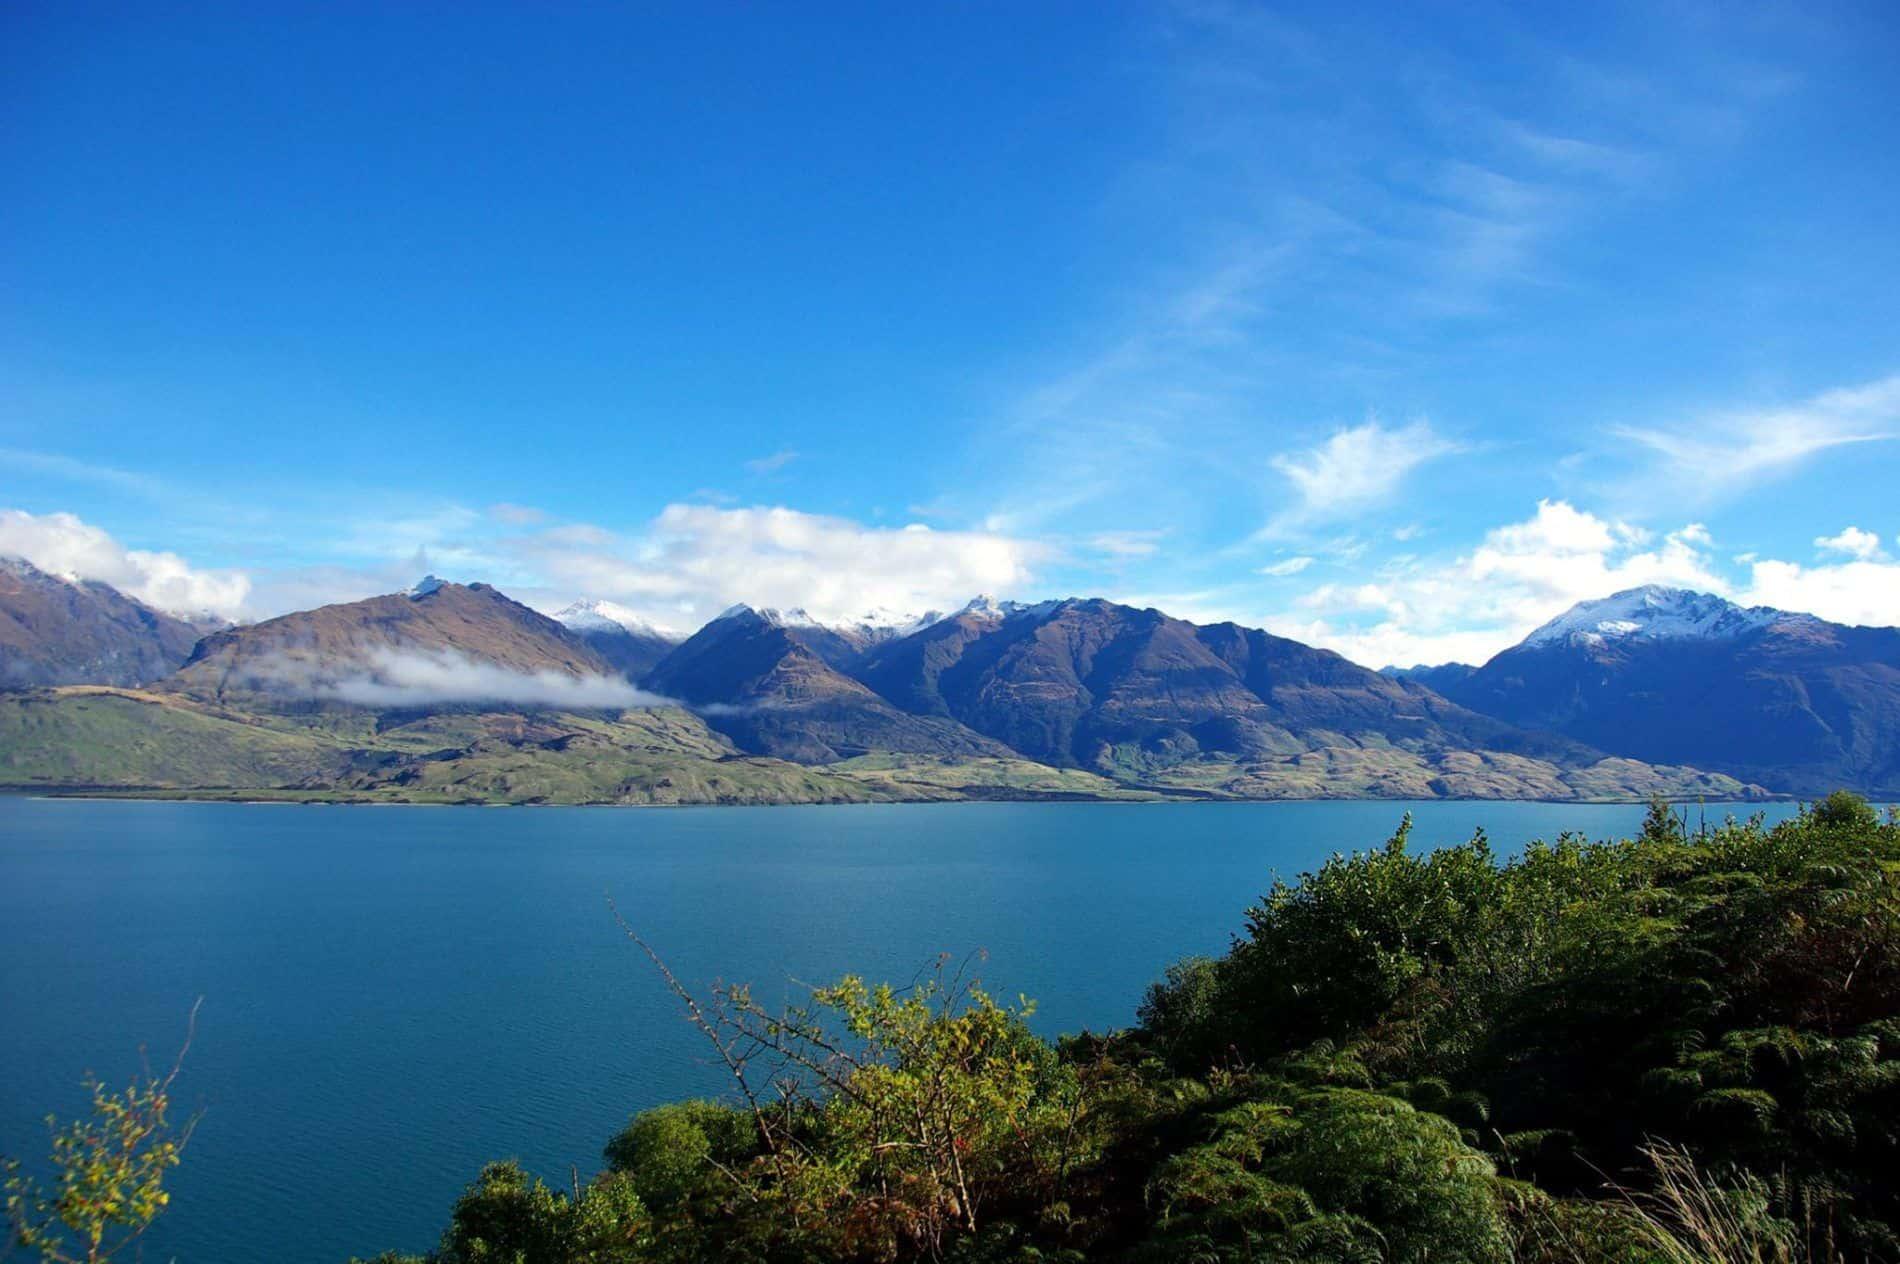 Auswandern Neuseeland | Auswandern nach Neuseeland